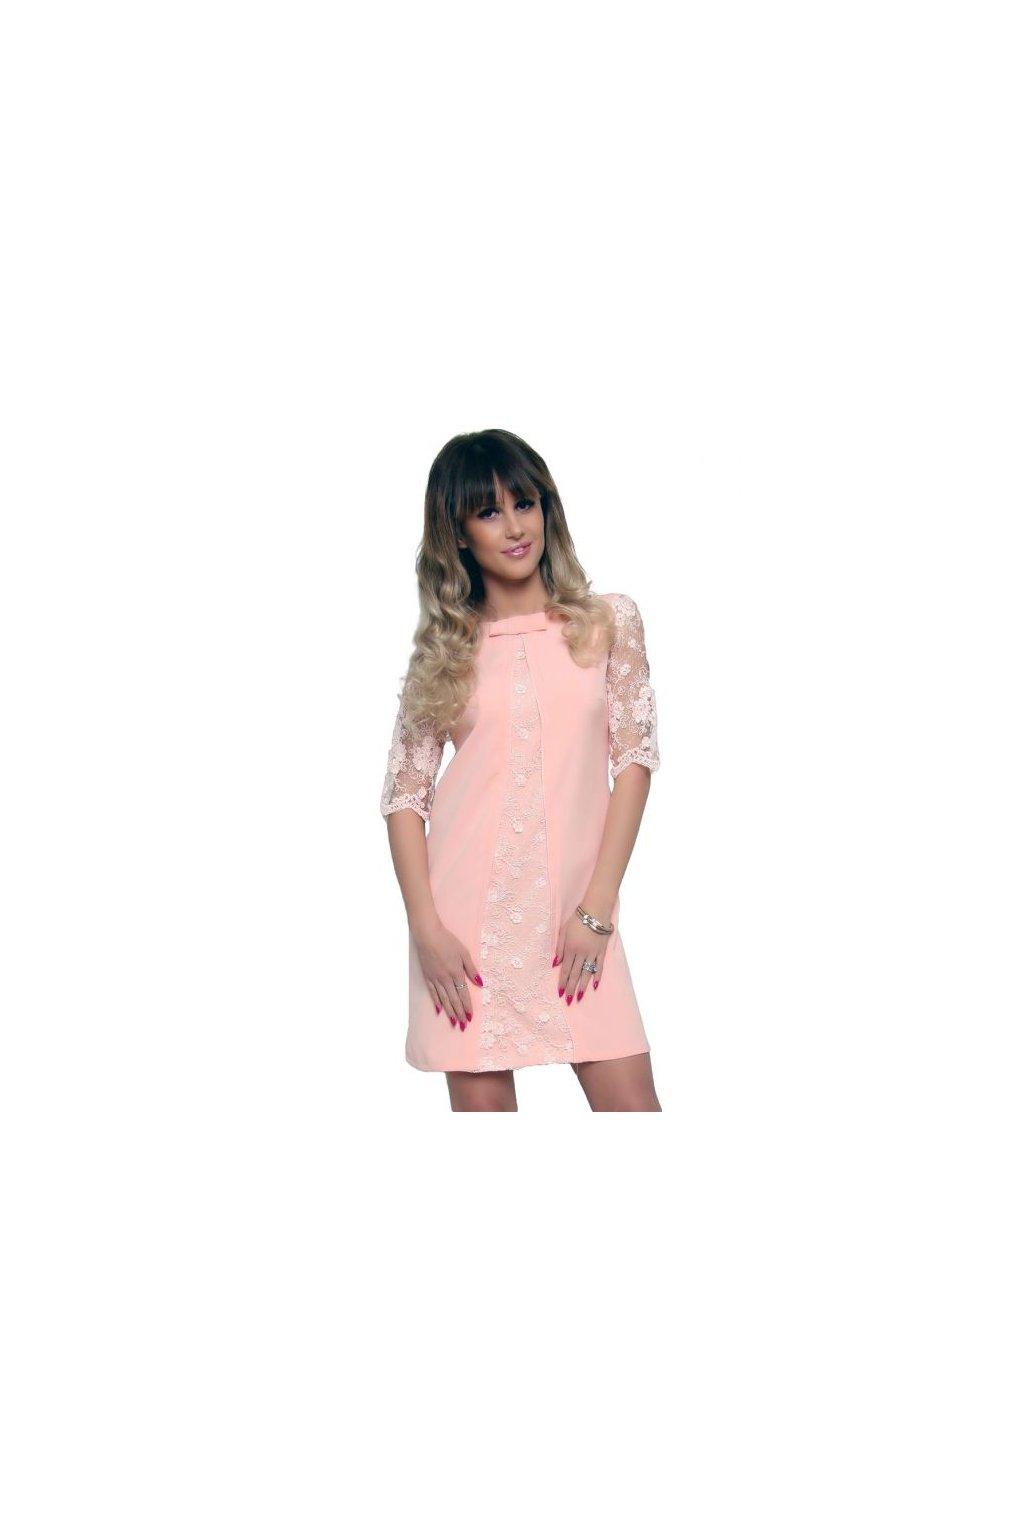 Koktejlové šaty s čipkou CM452 ružové - Tentation.sk 366592fc540